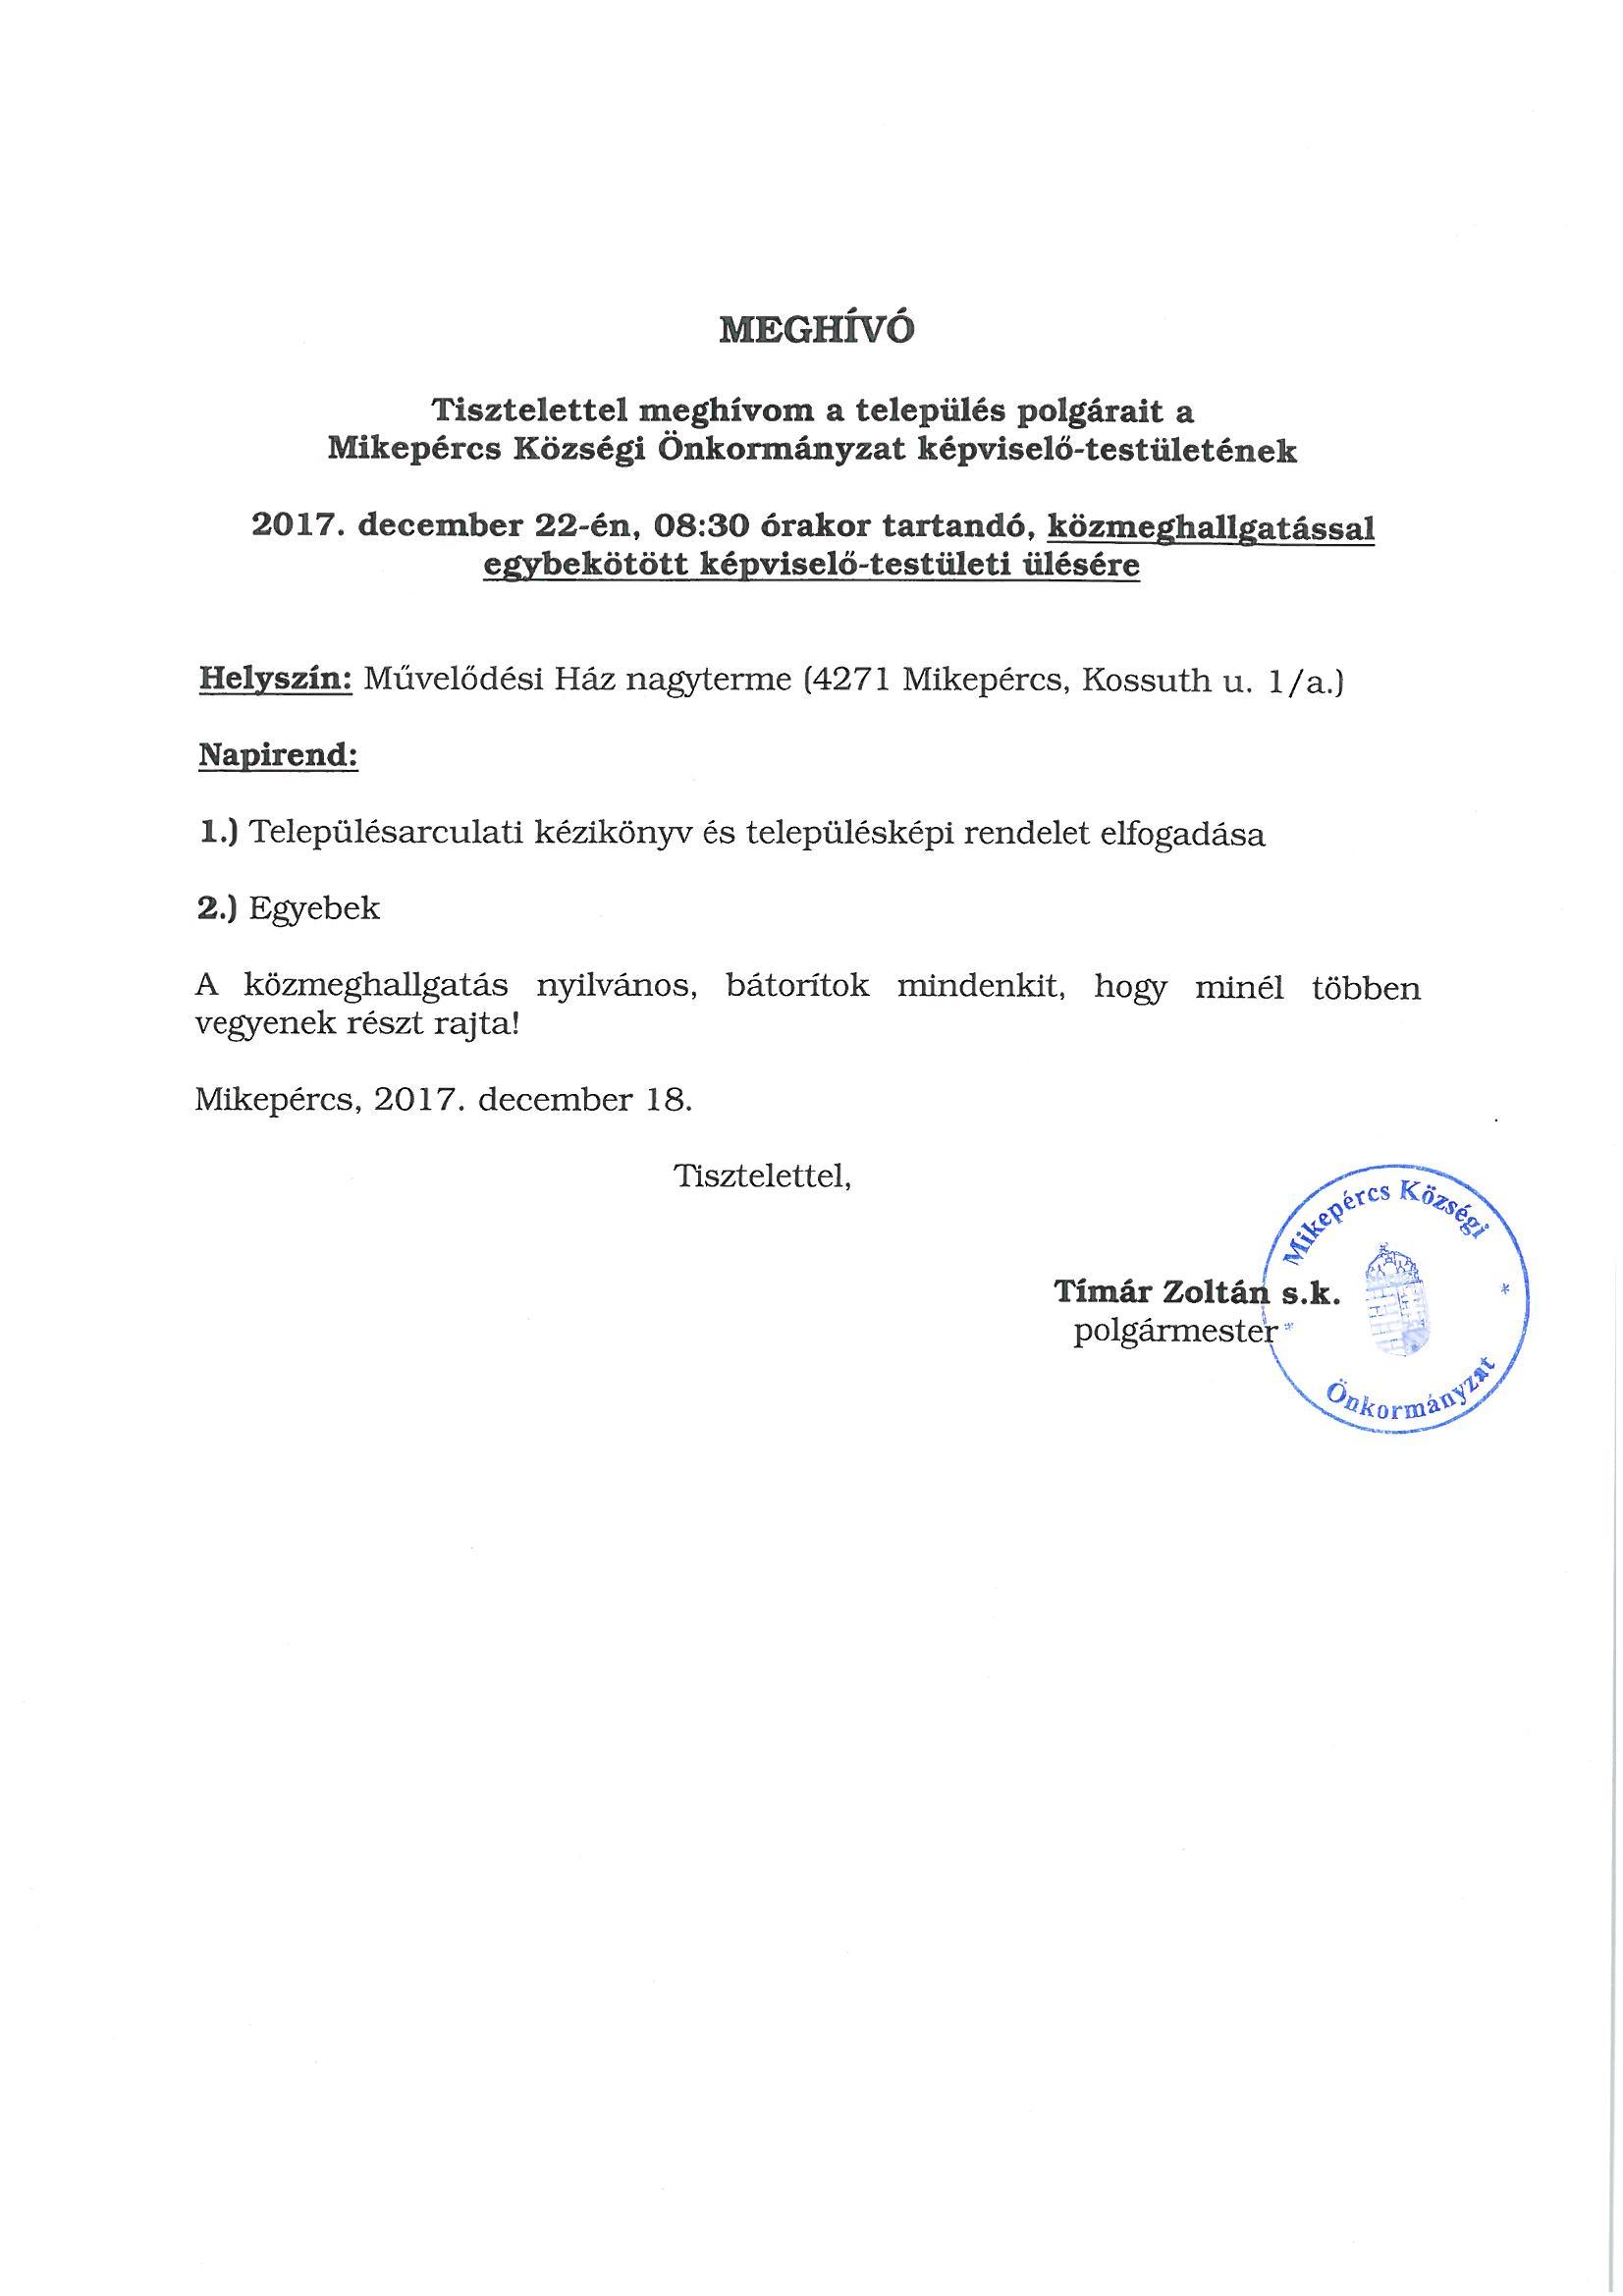 Meghívó Mikepércs Községi Önkormányzat képviselő-testületének közmeghallgatással egybekötött képviselő-testületi ülésére